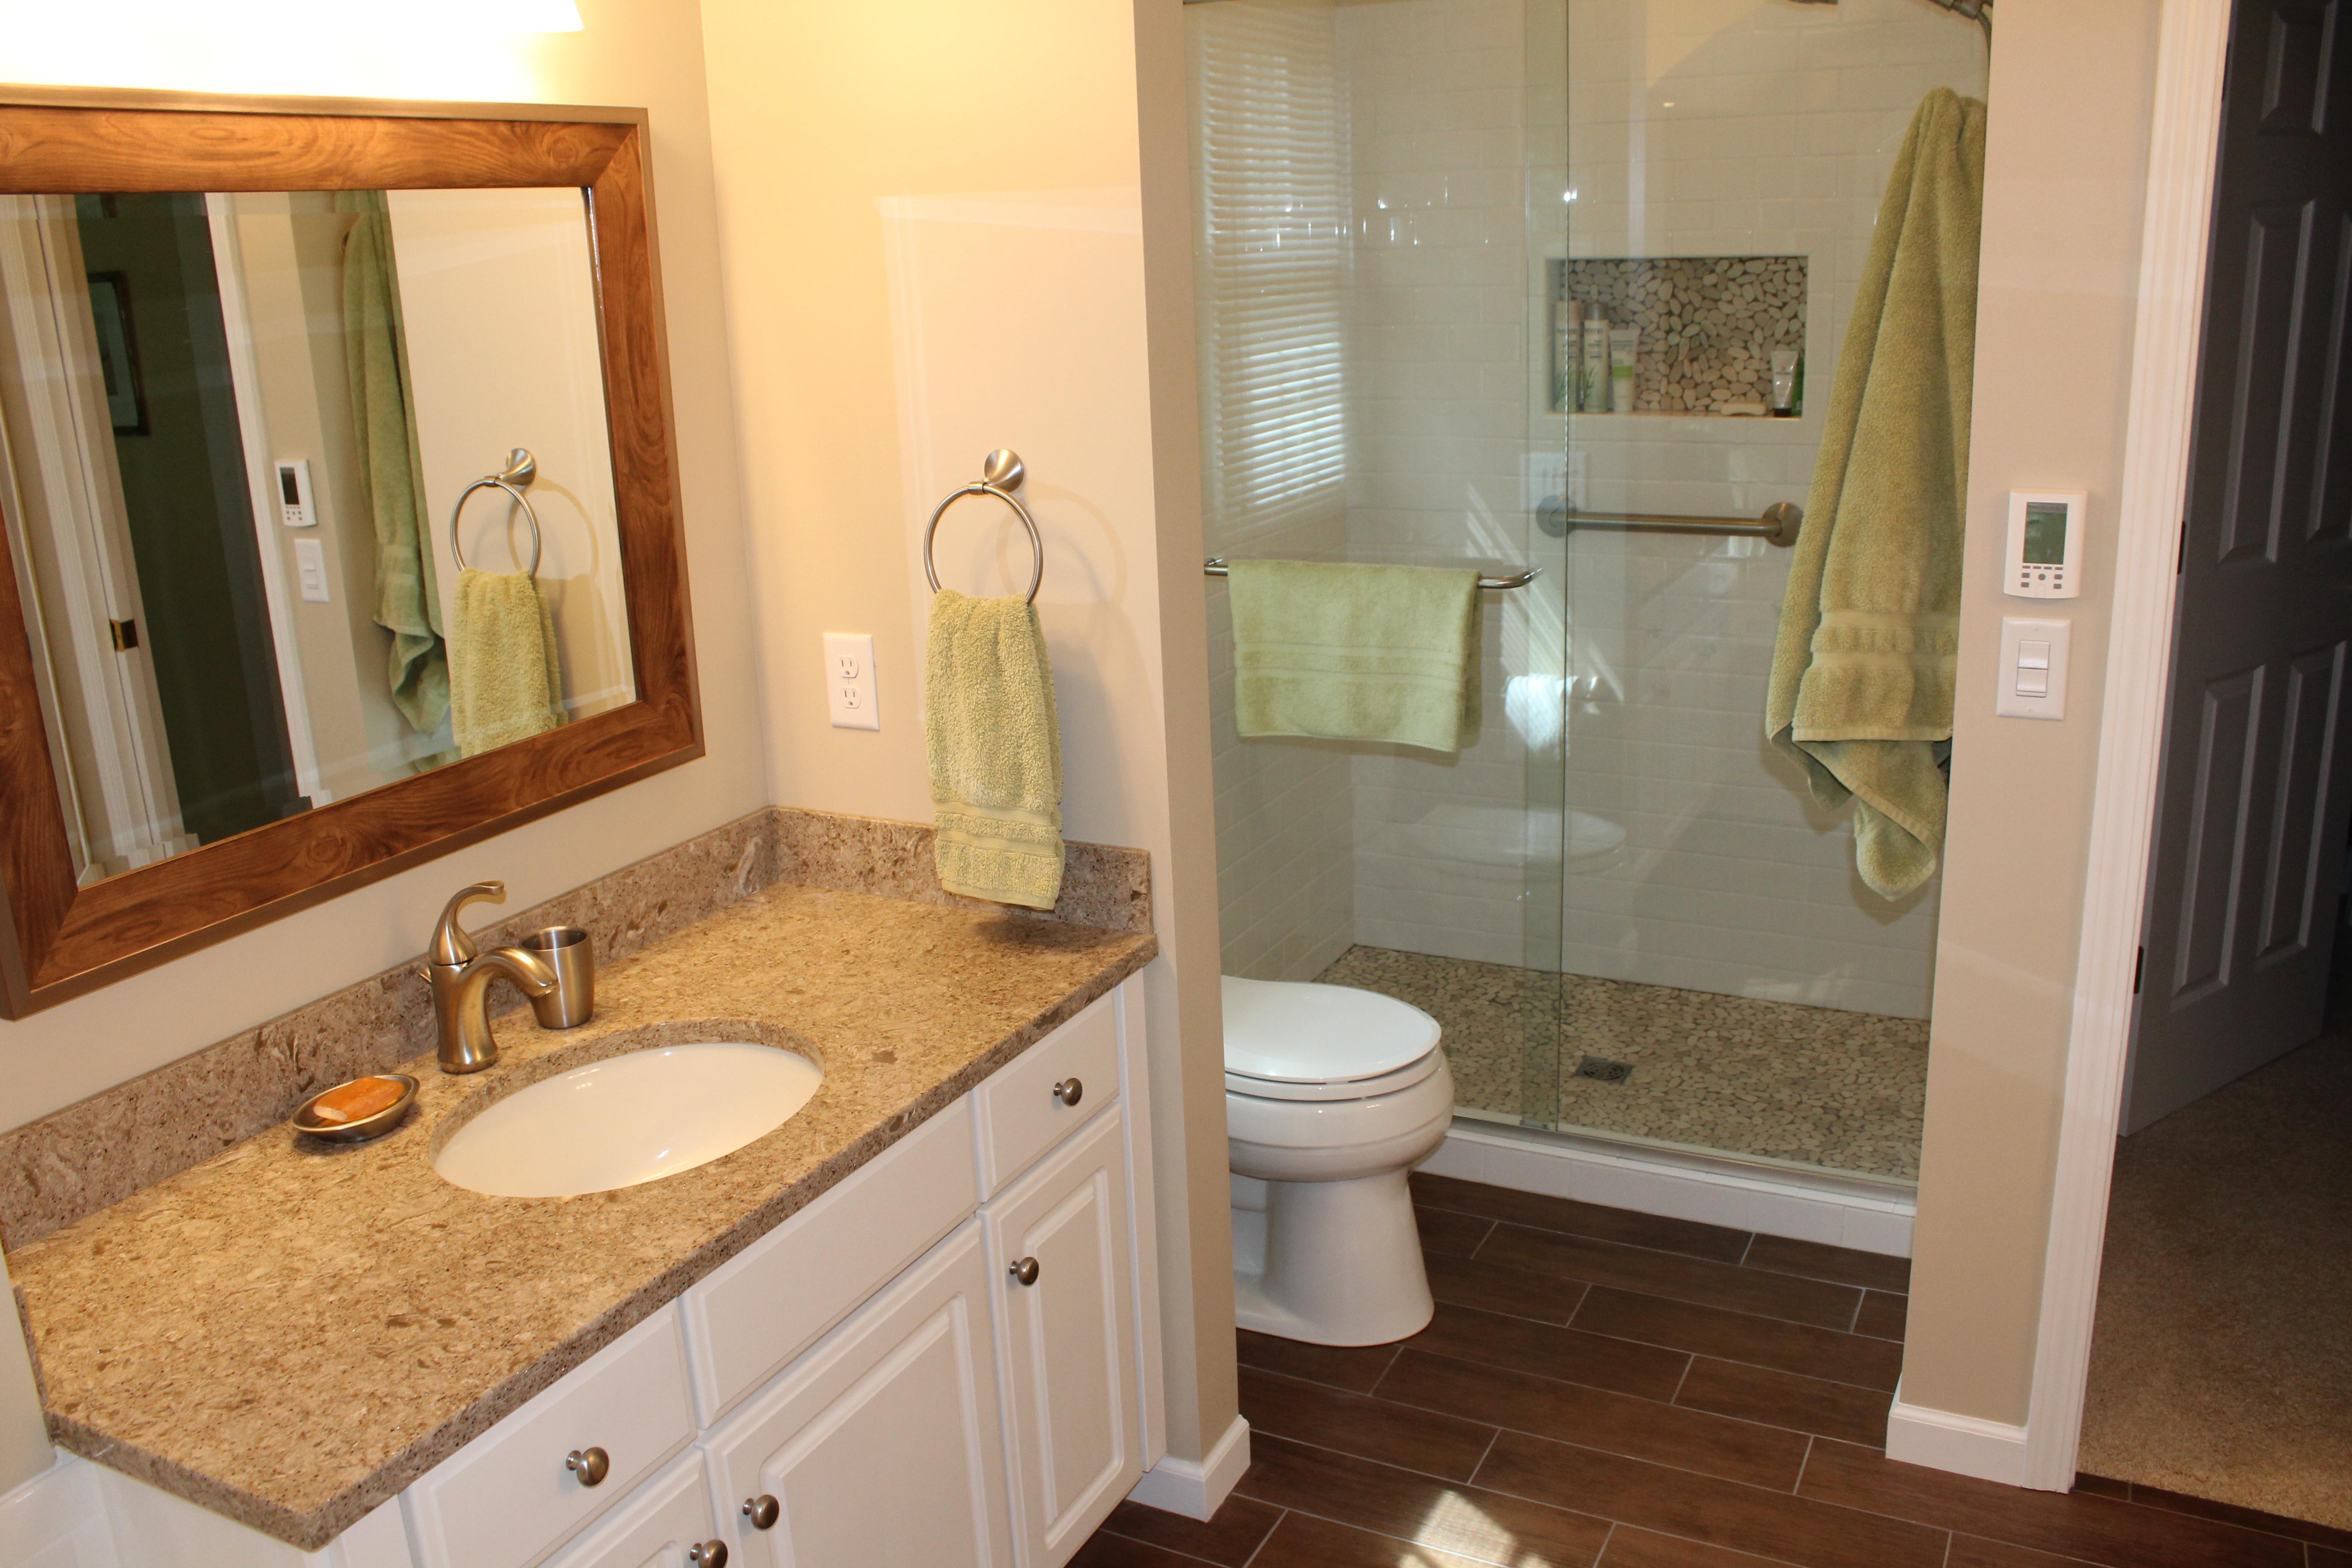 Portage Bathroom Remodel